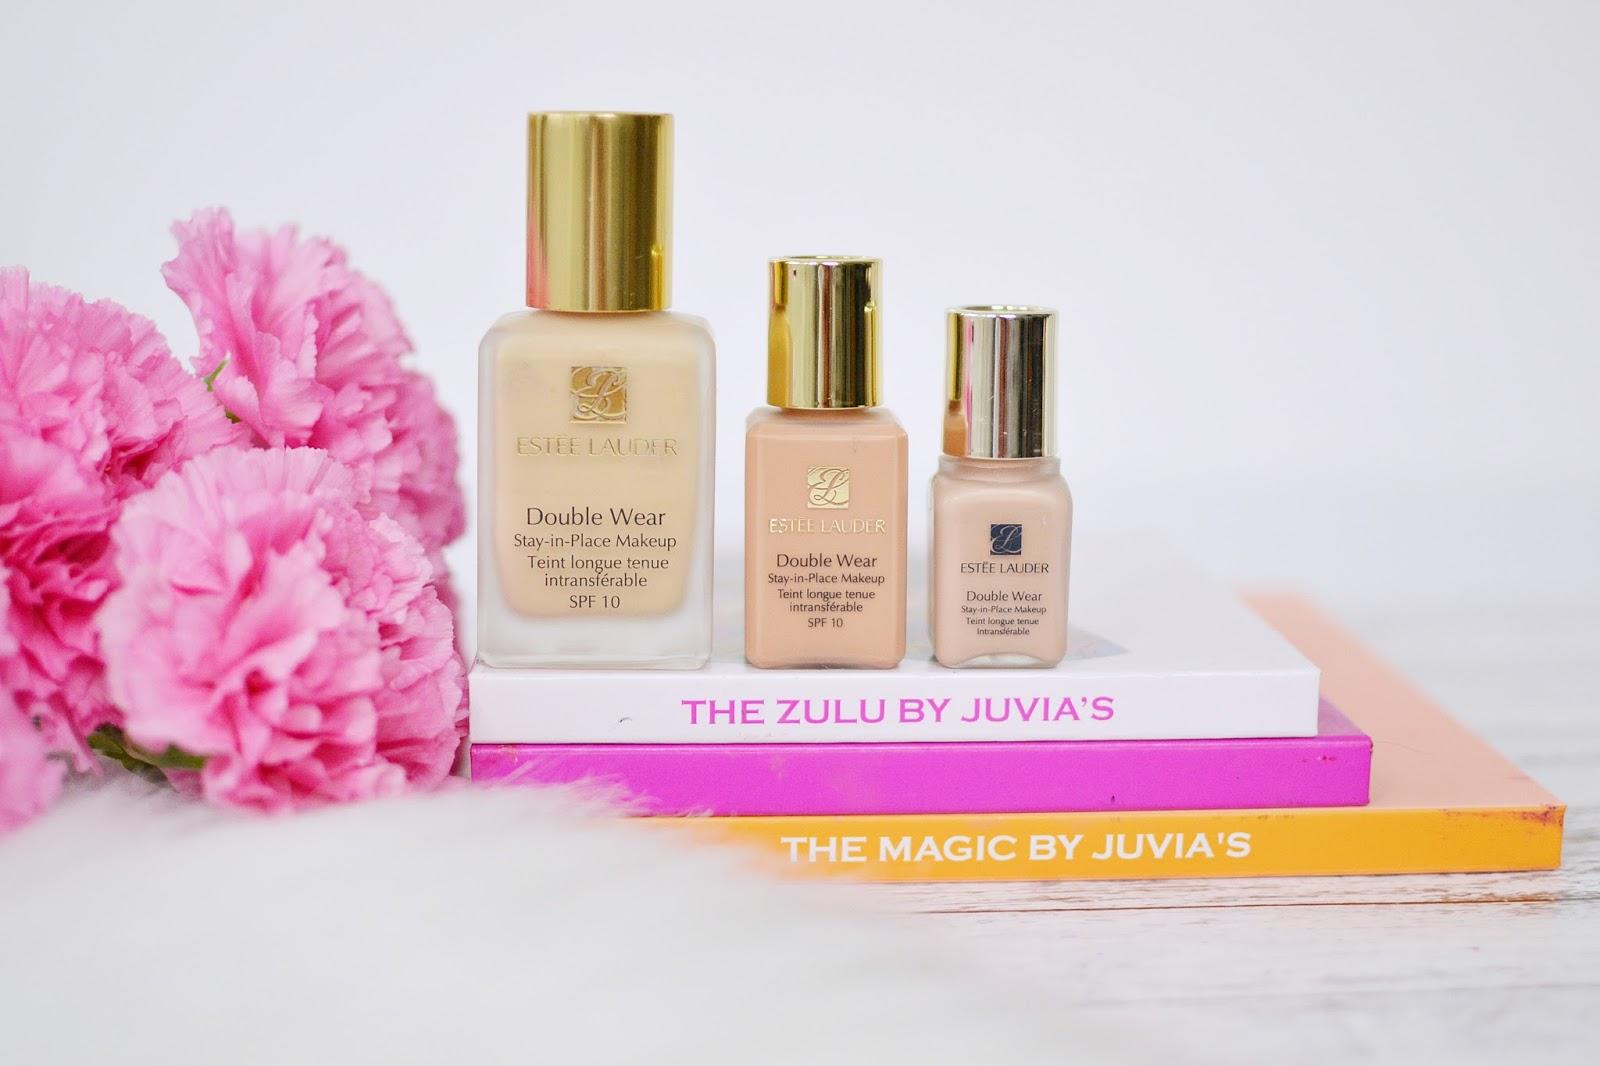 najlepsze kosmetyki 2017 roku